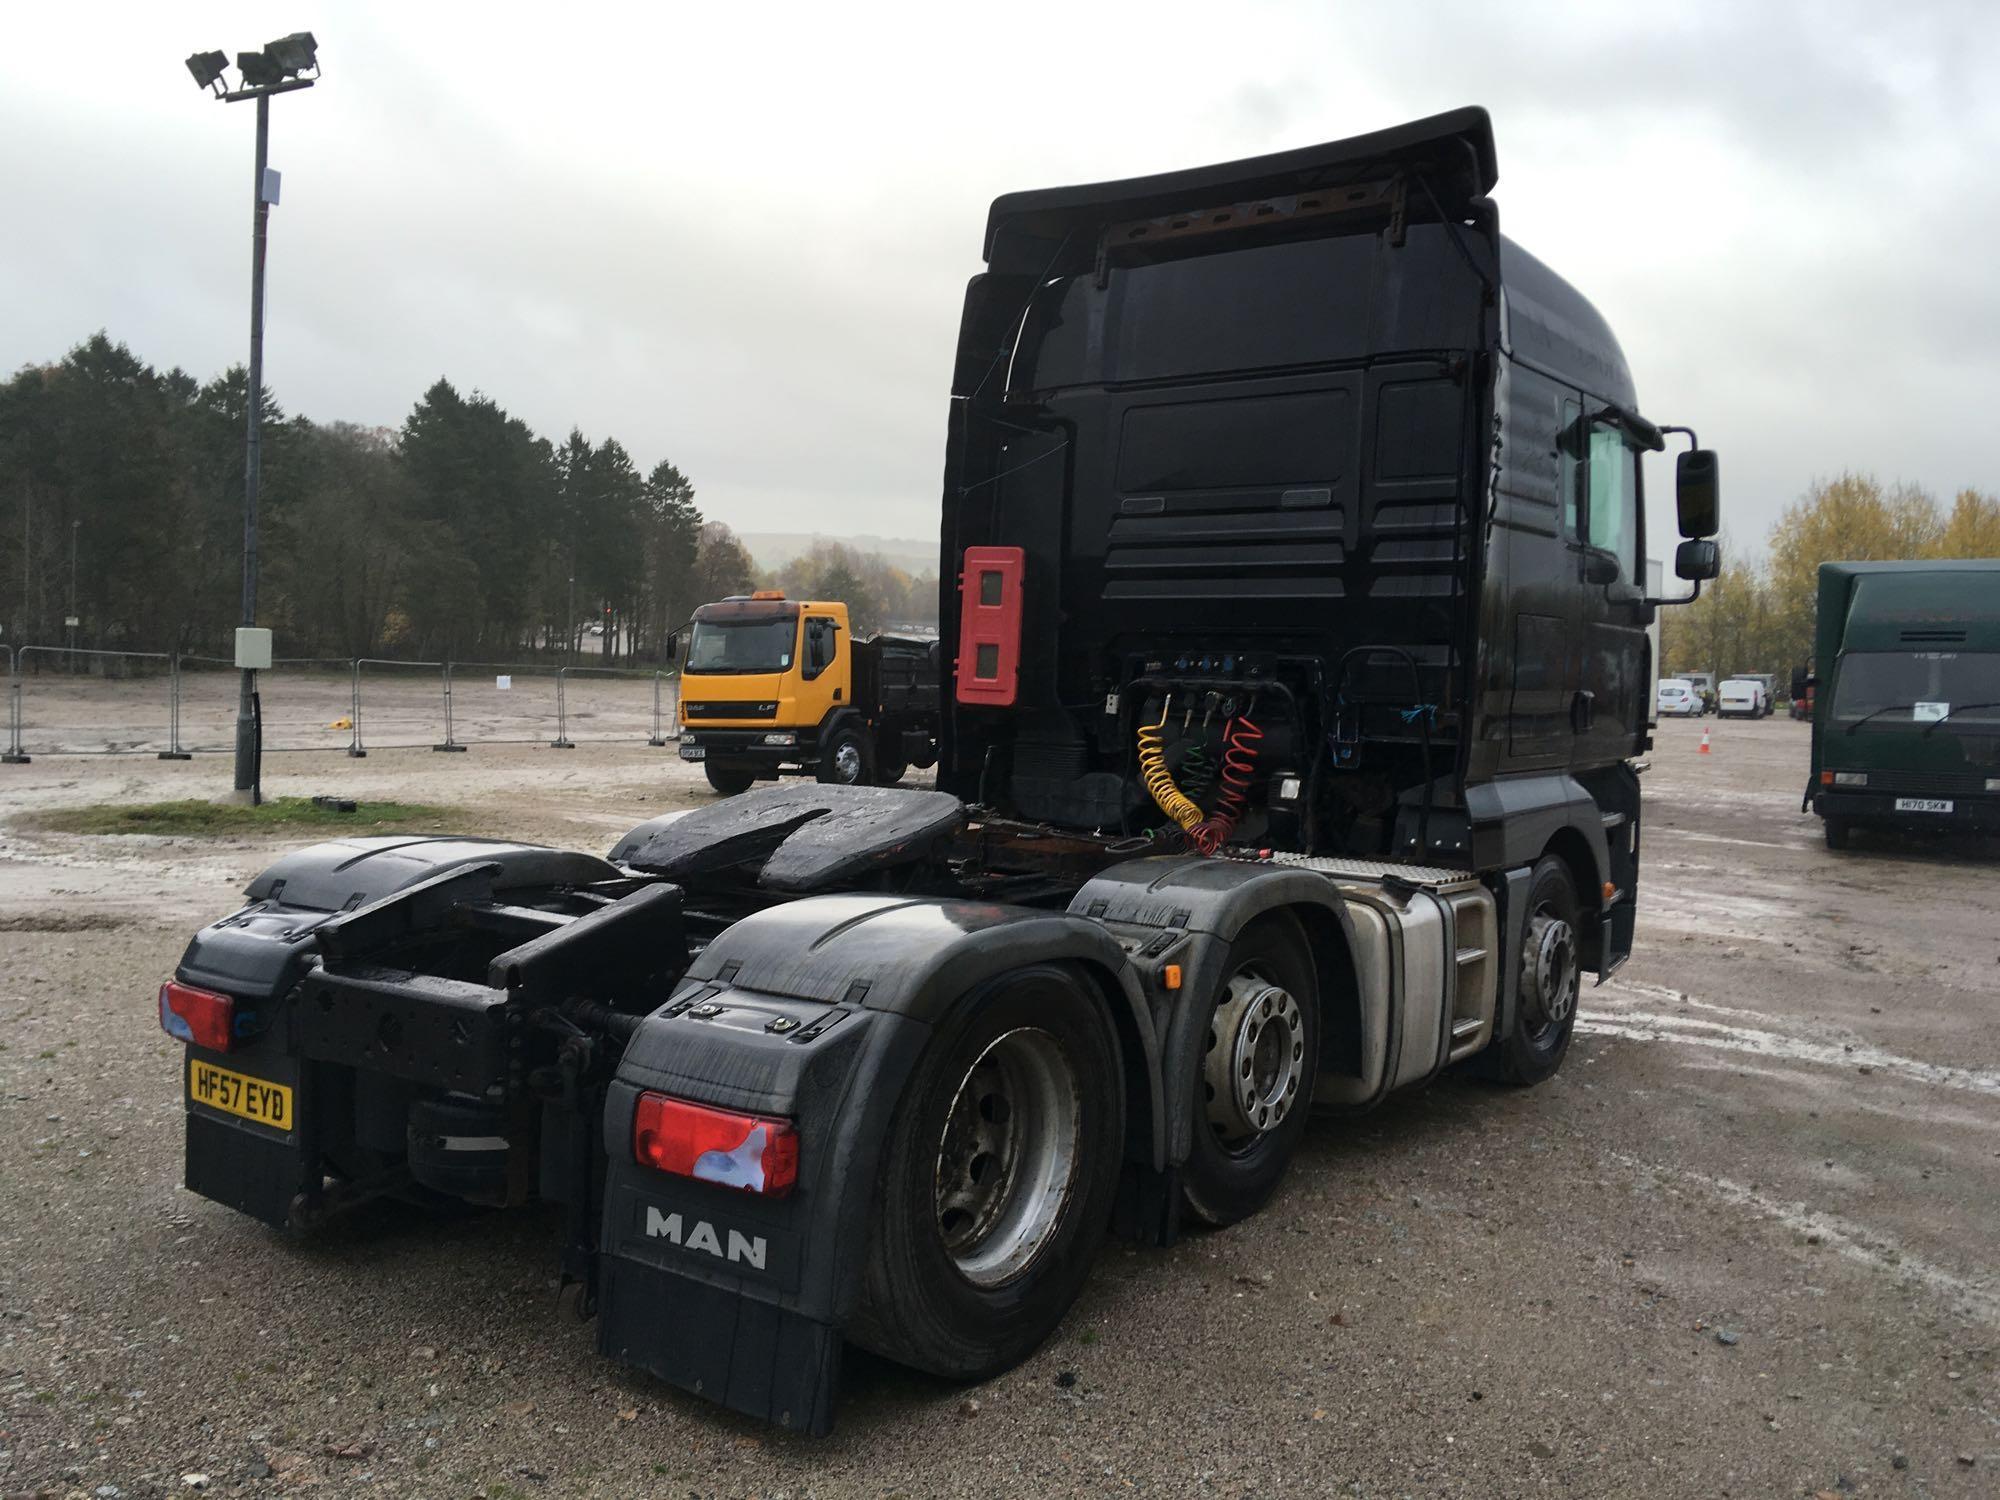 Lot 4019 - Man Unknown - 10518cc Truck